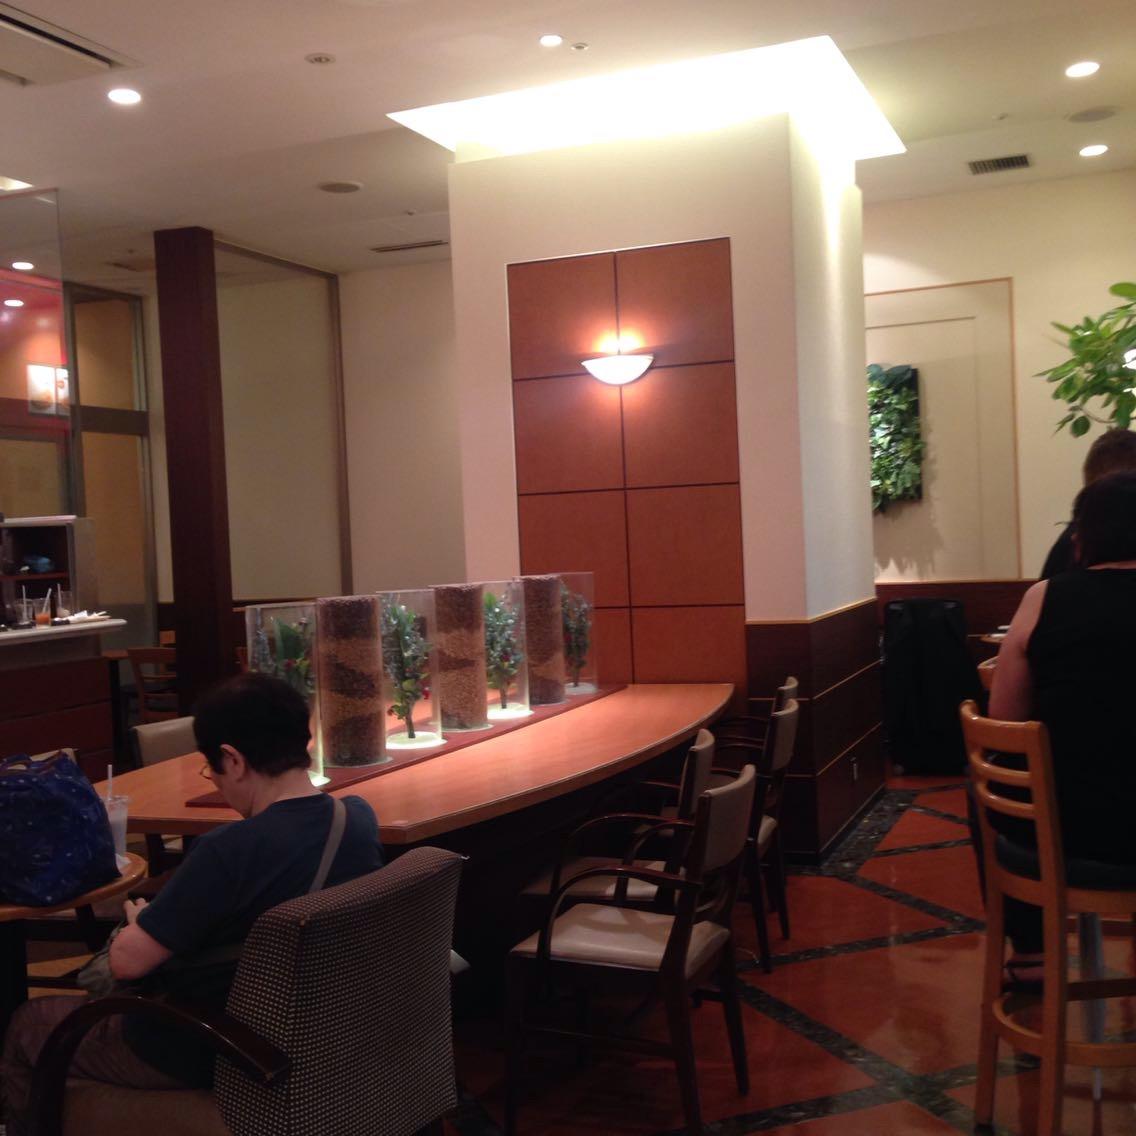 ドトール広島駅新幹線口店 出張サラリーマンに便利な電源カフェ